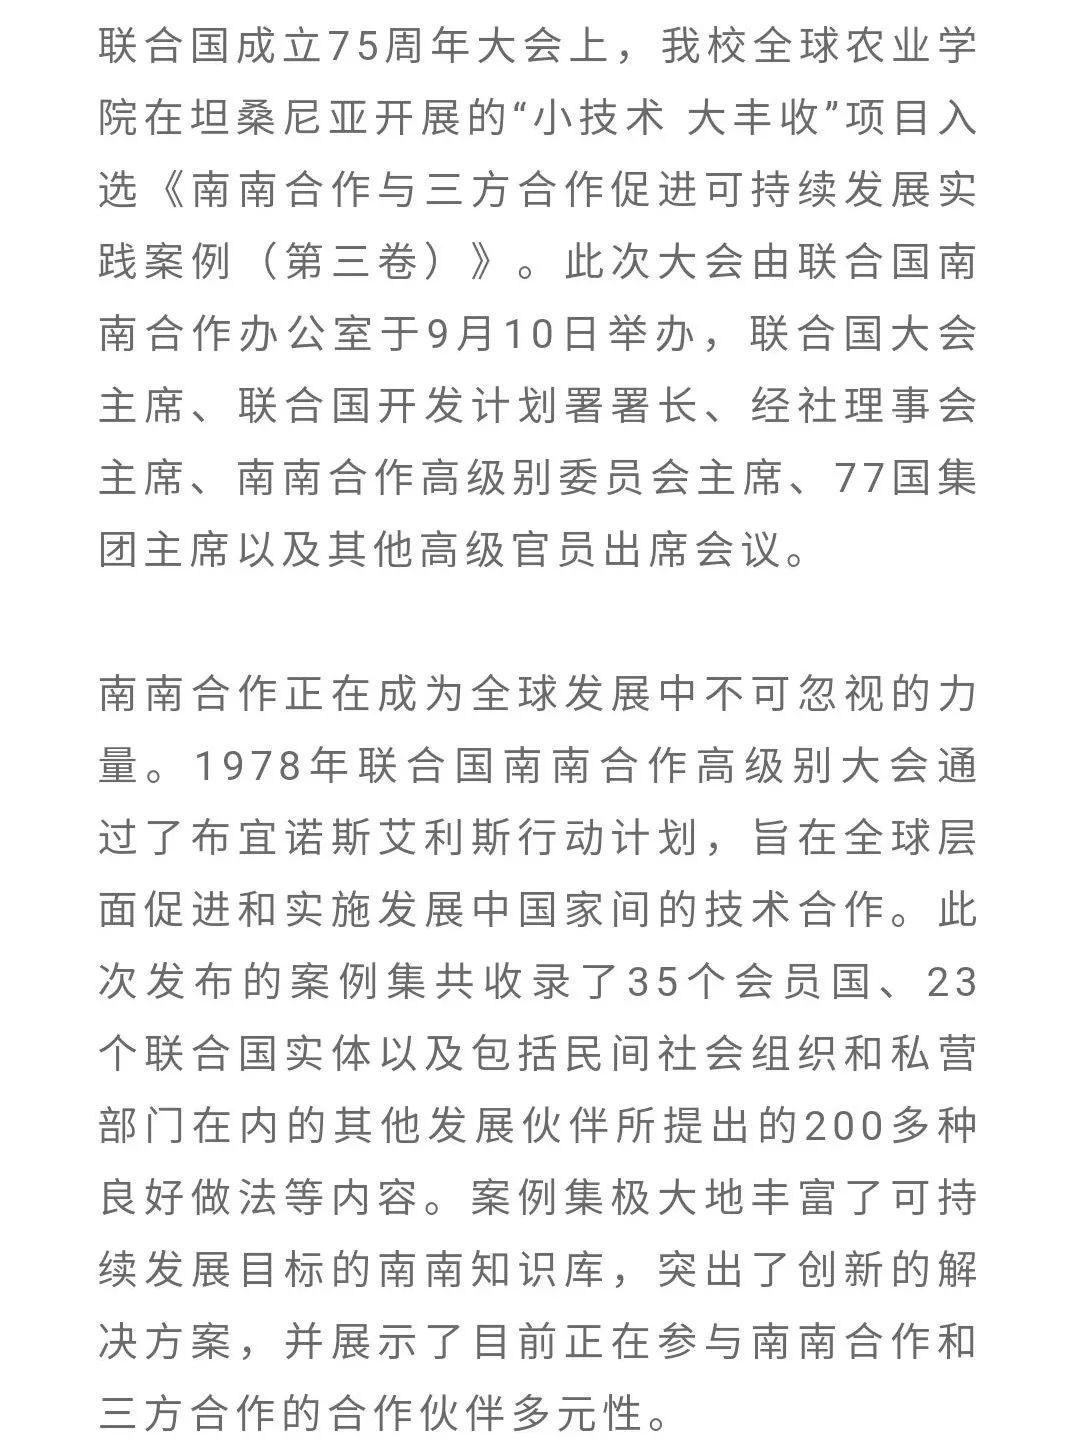 """中国农大""""小技术 大丰收""""项目入选联合国南南合作优秀案例图片"""